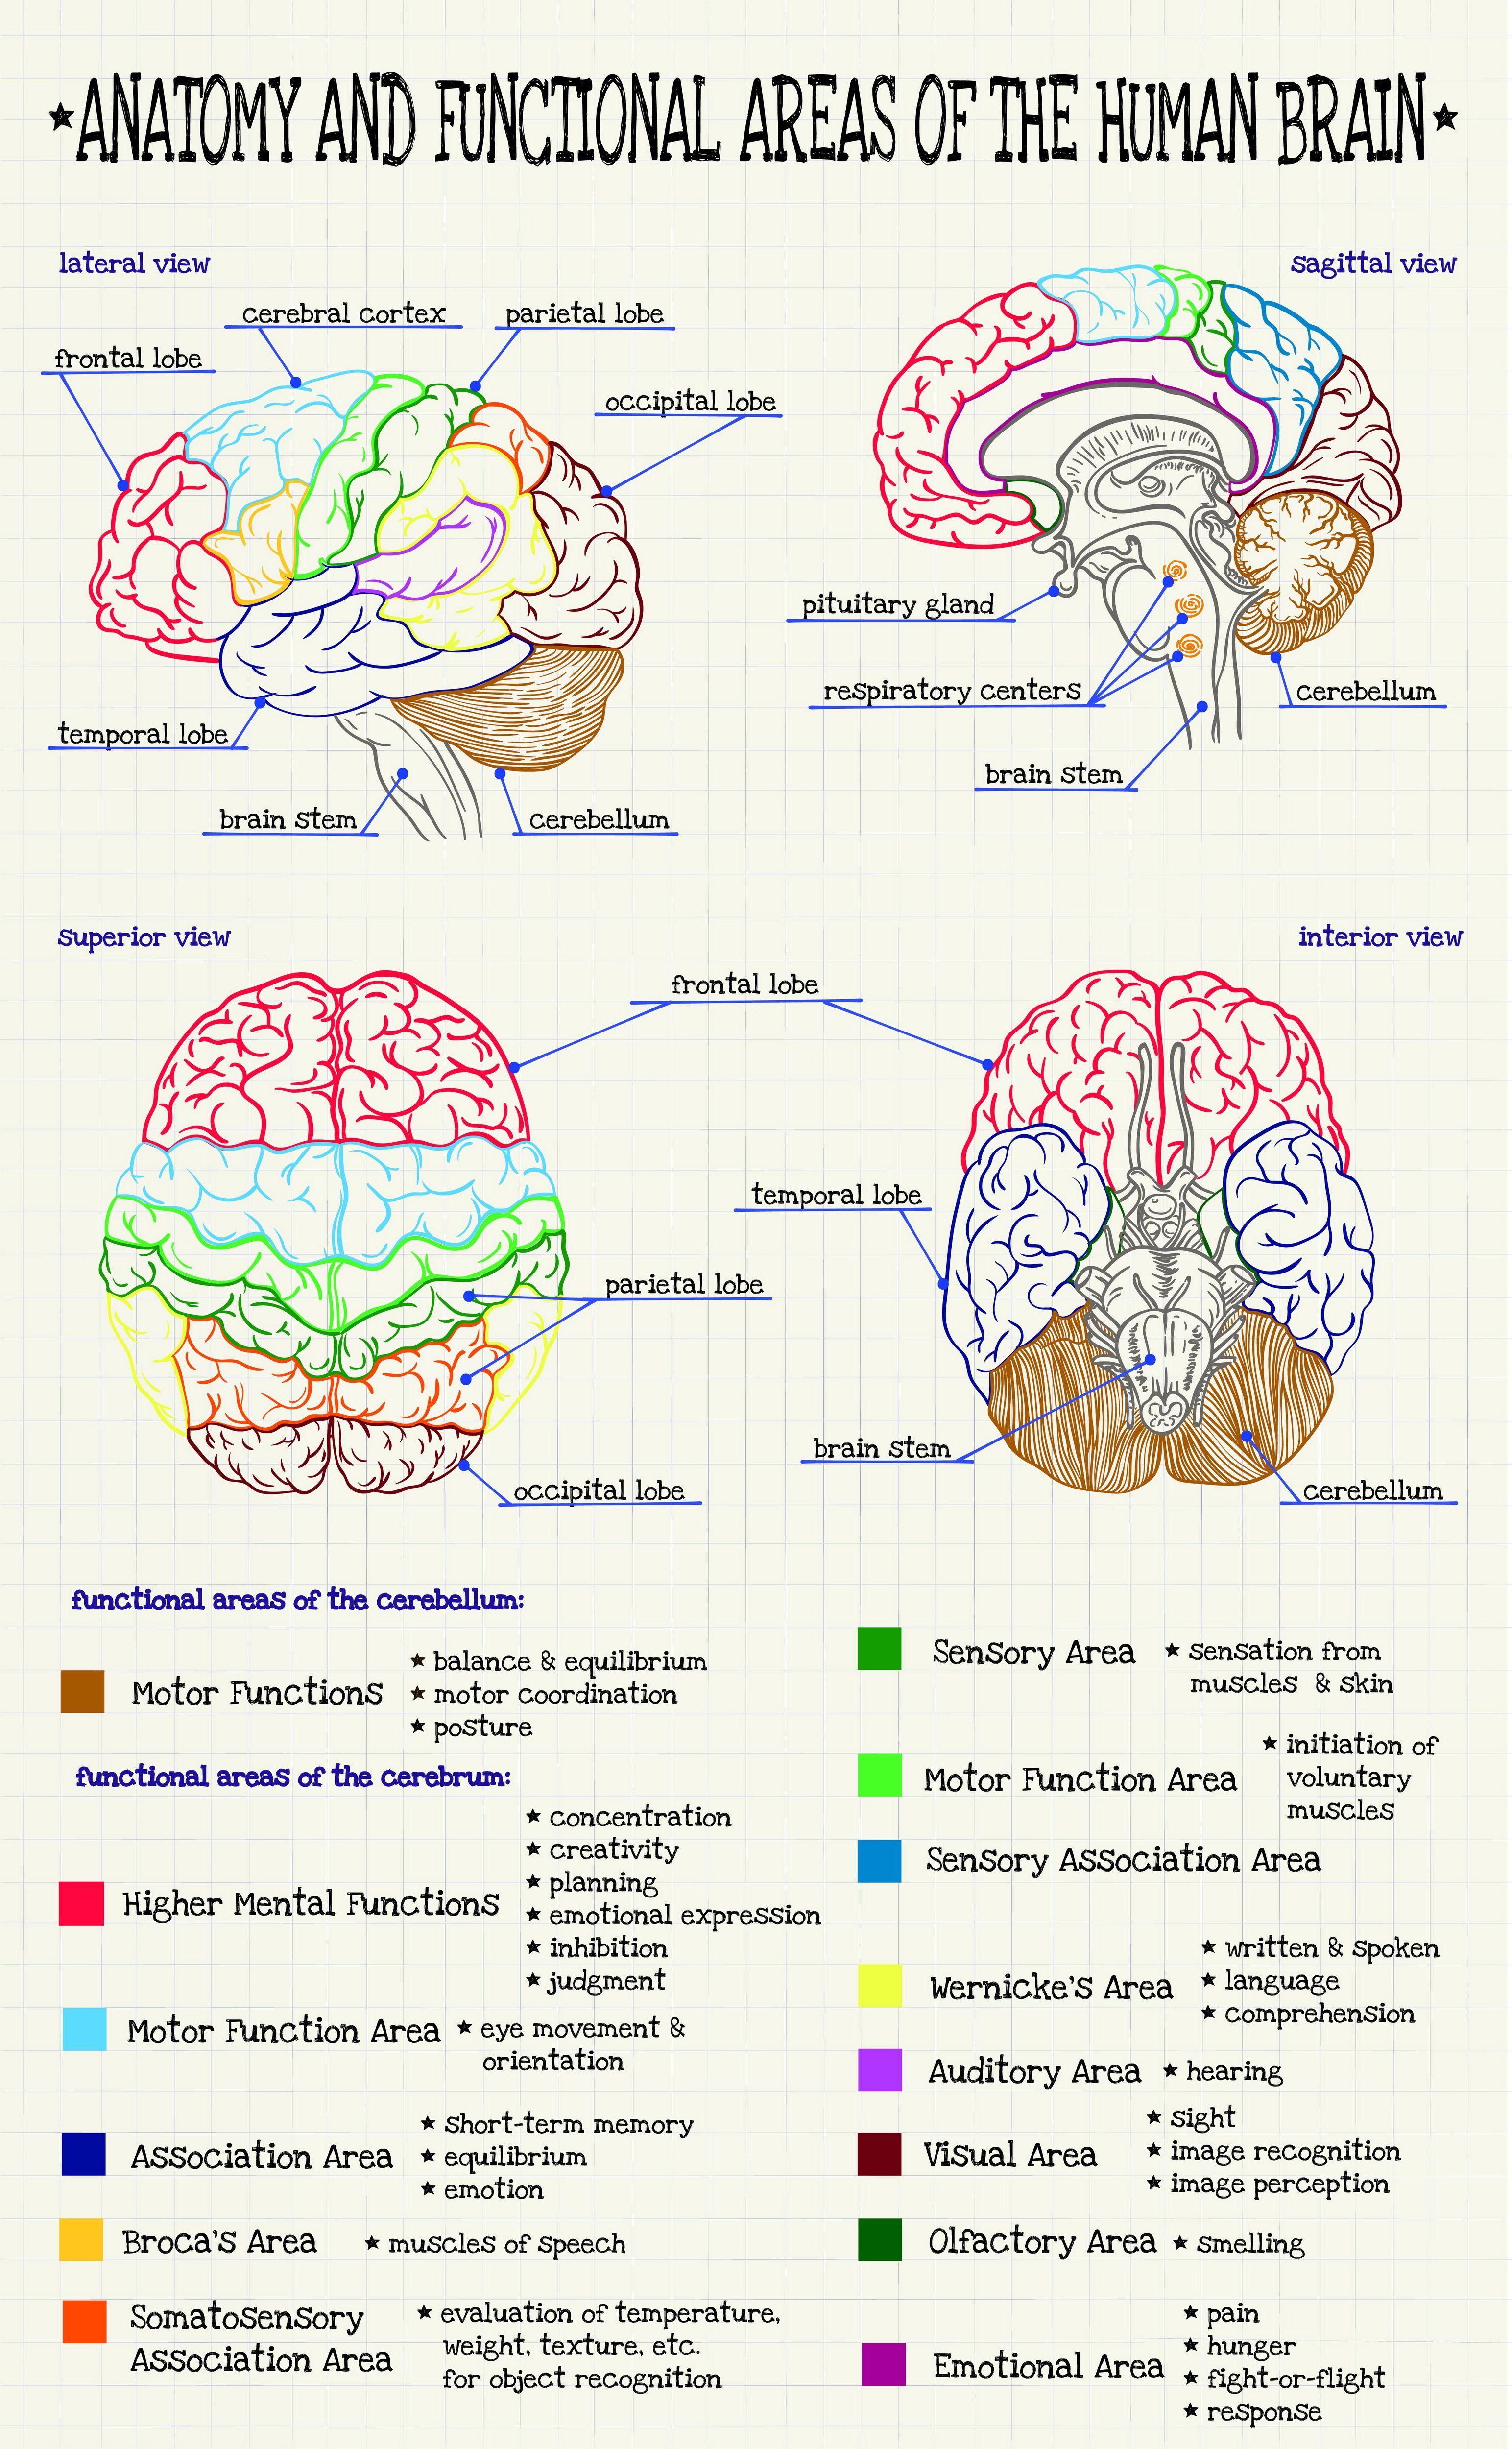 Pin de Sílvia Vitória en Anatomia | Pinterest | Medicina, Apuntes y ...